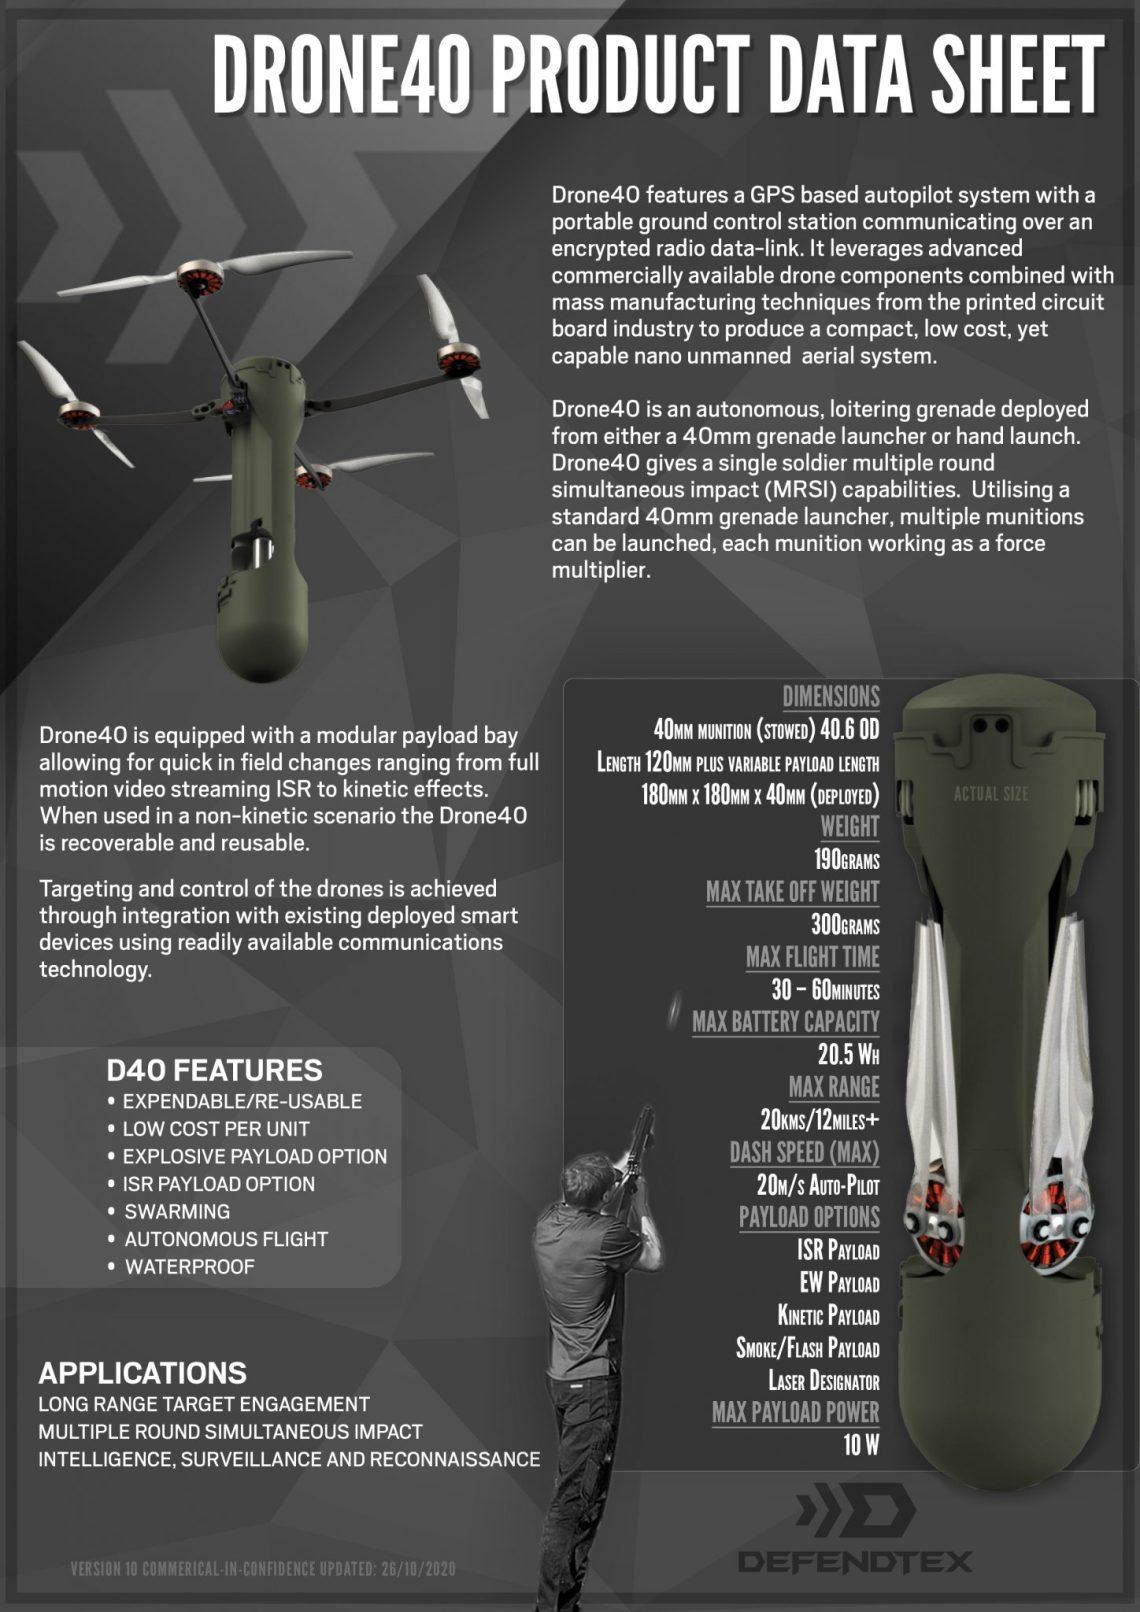 DefendTex Drone40 Grenade Launcher-Fired Mini-Drones